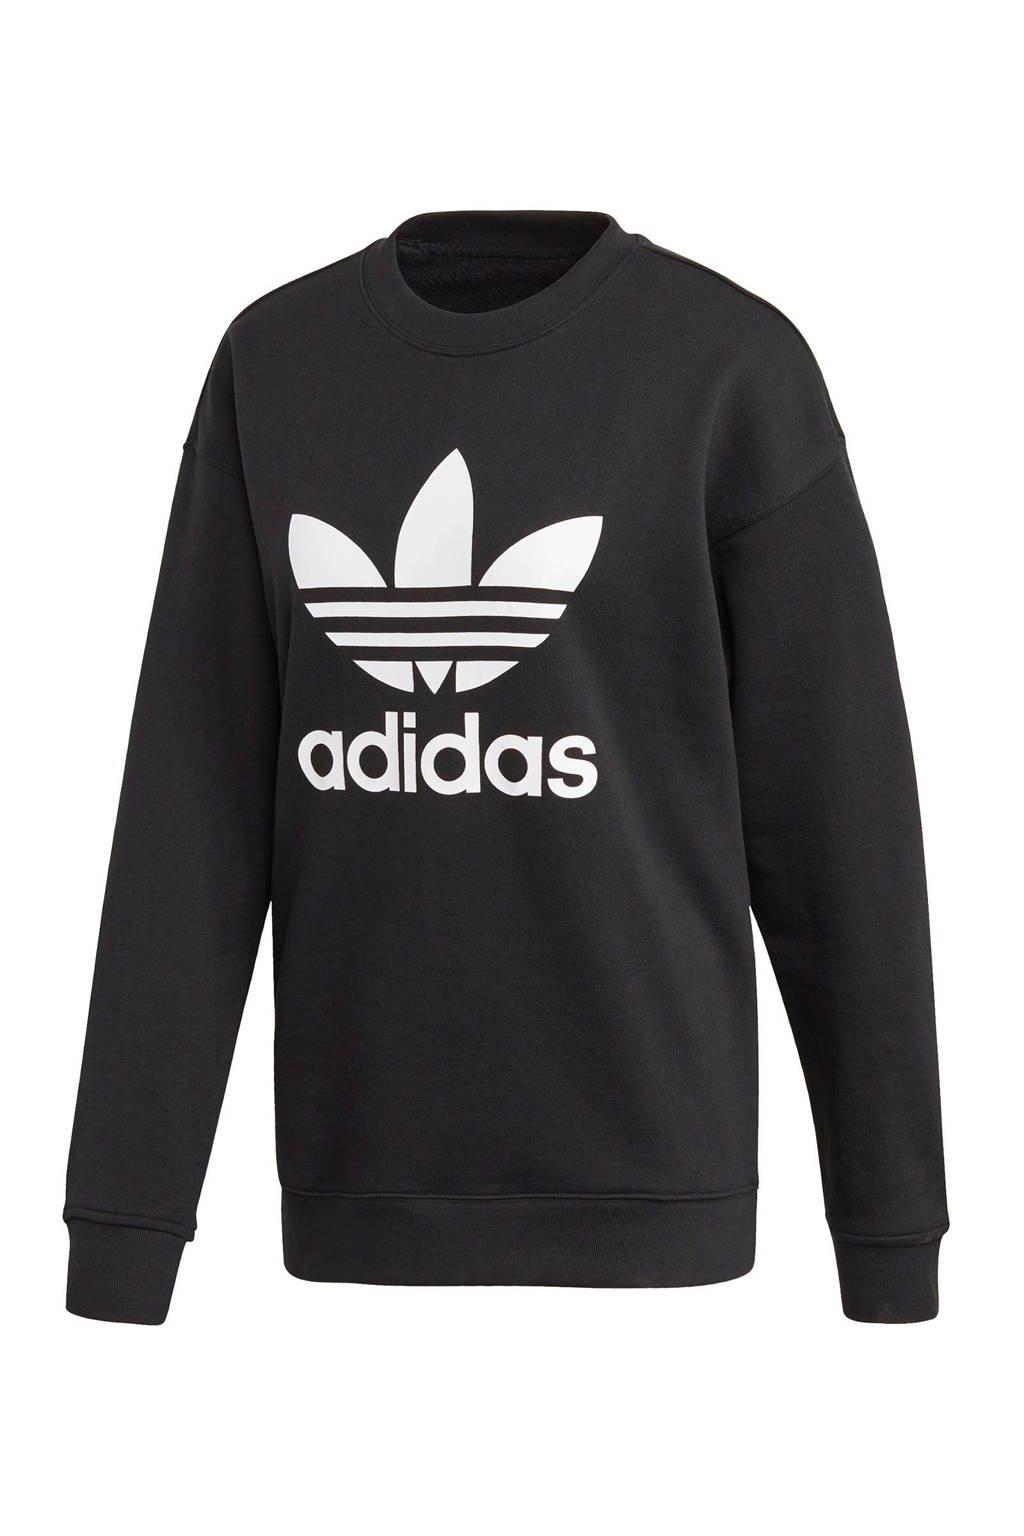 adidas Originals Adicolor sweater zwart/wit, Zwart/wit